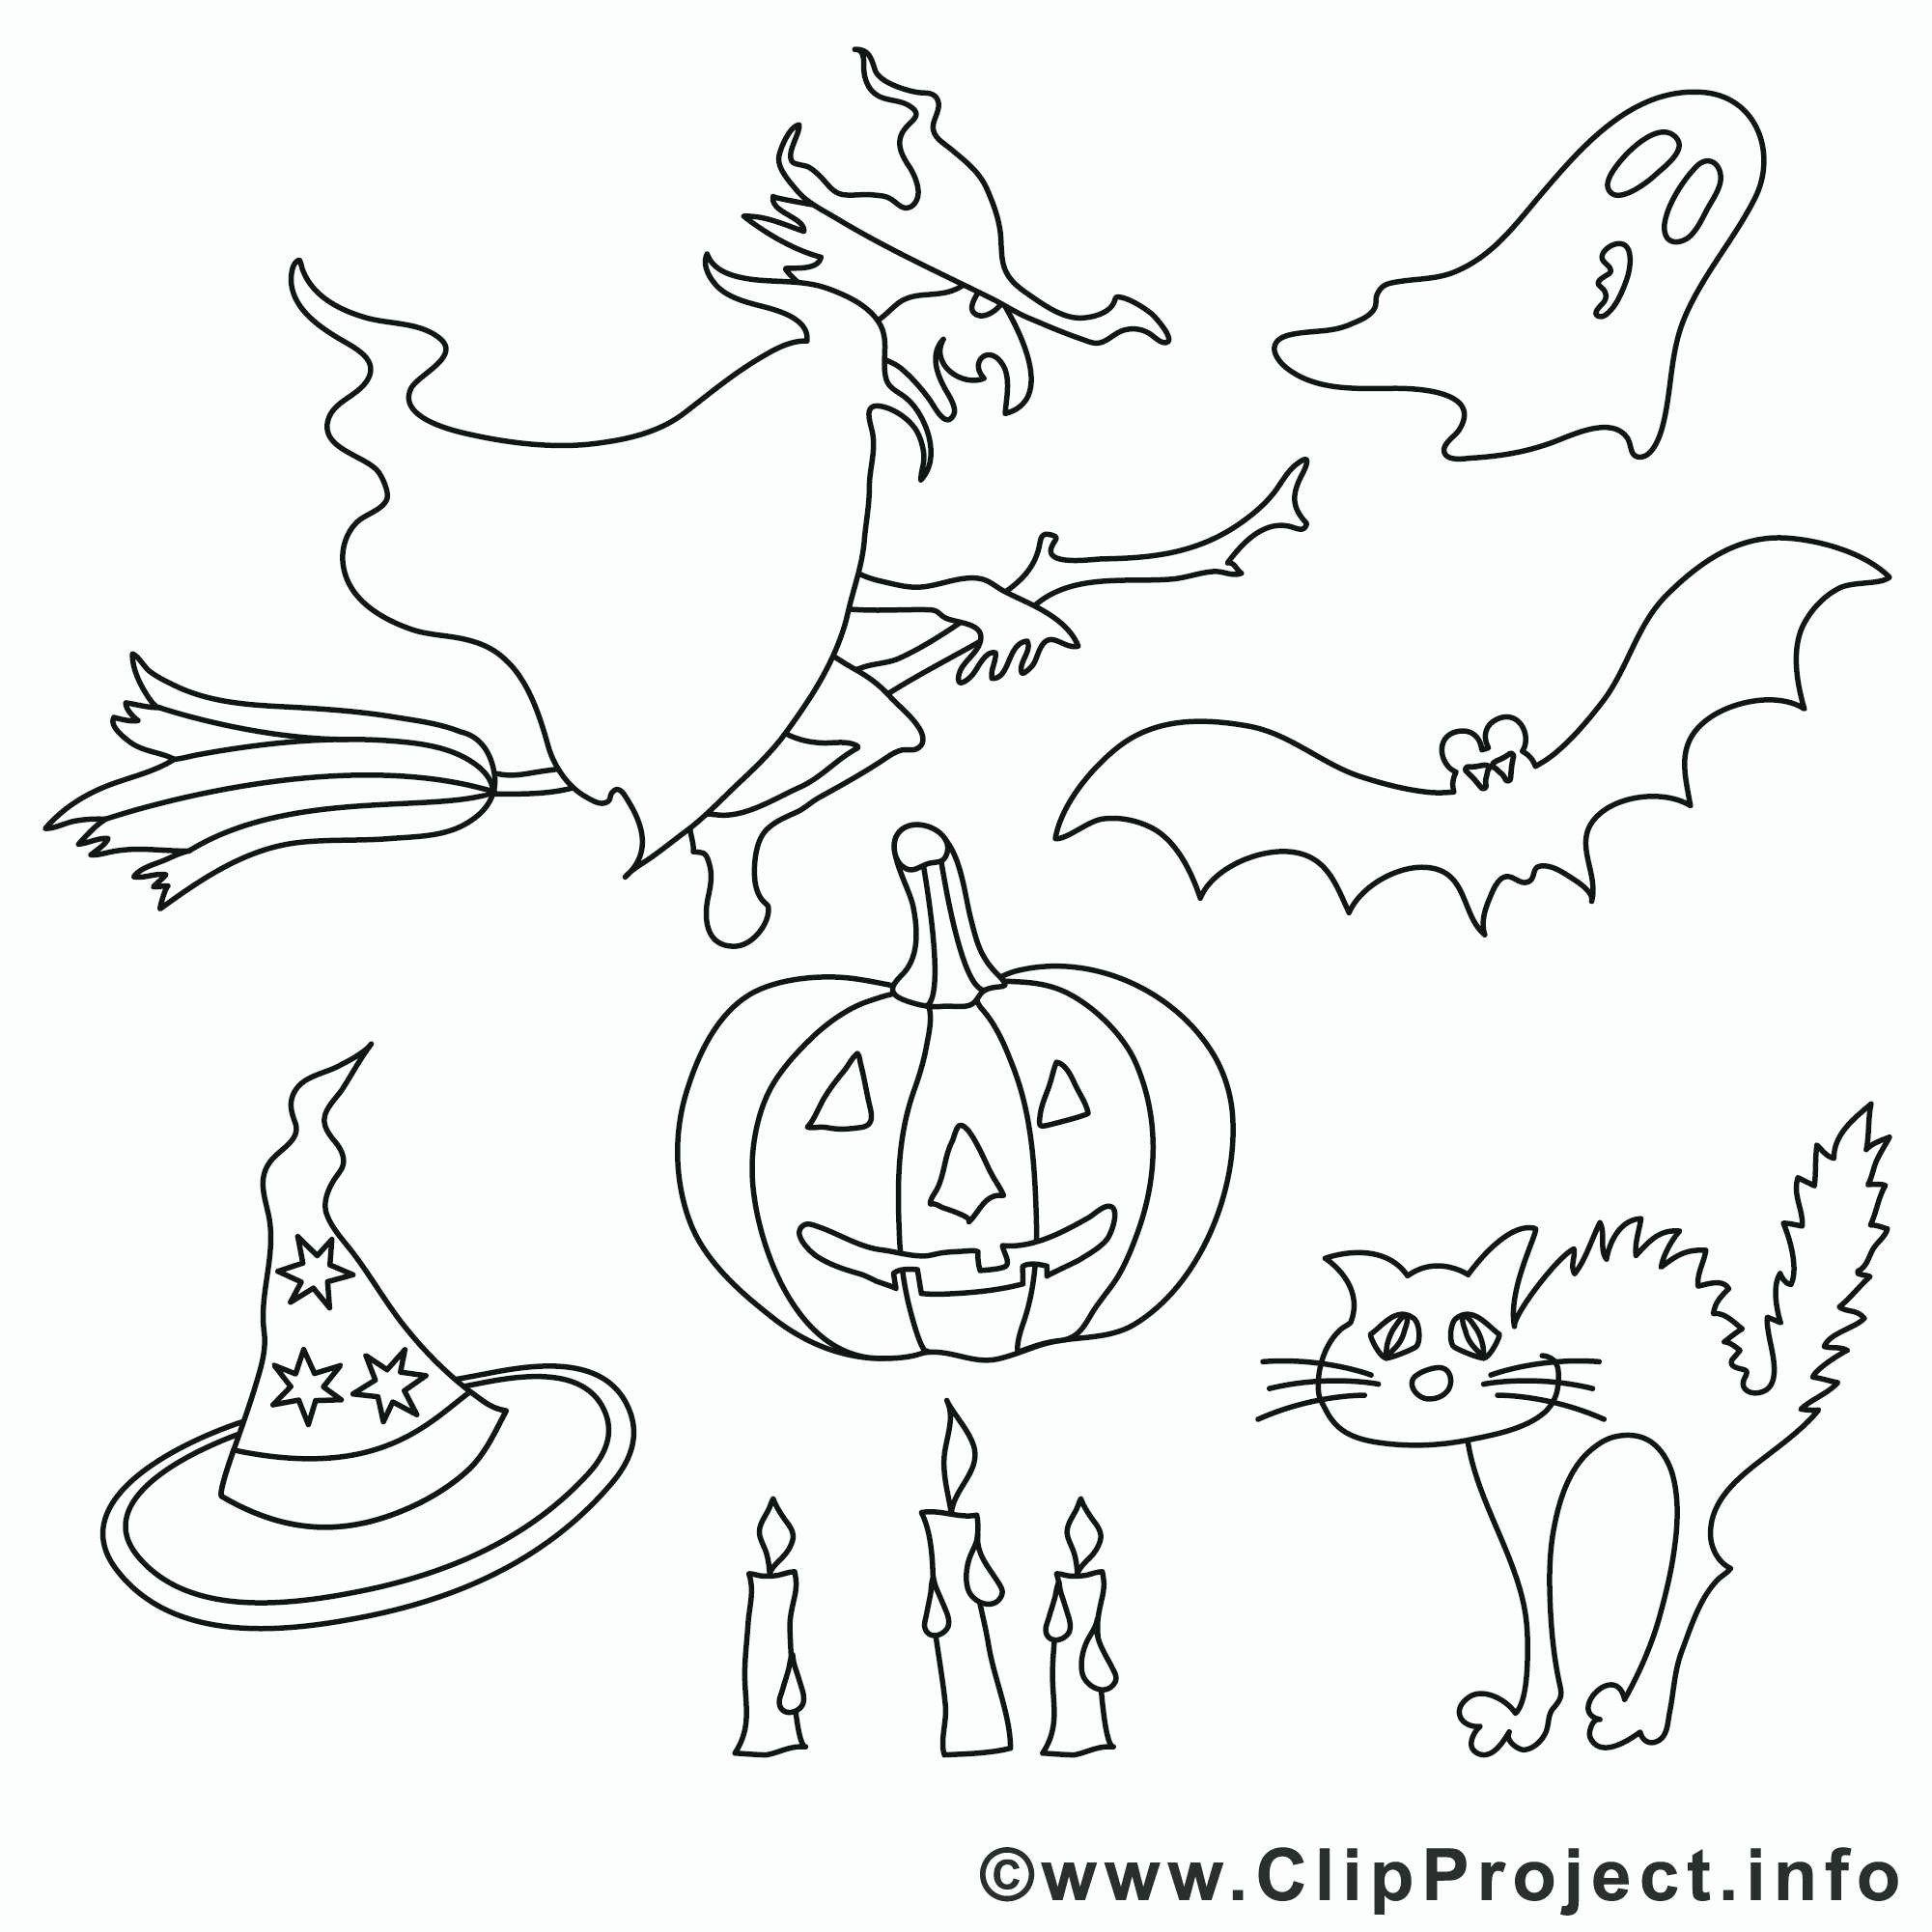 10 Gut Malvorlage Kurbis Gedanke 2020 Malvorlagen Kostenlose Malvorlagen Malvorlagen Halloween